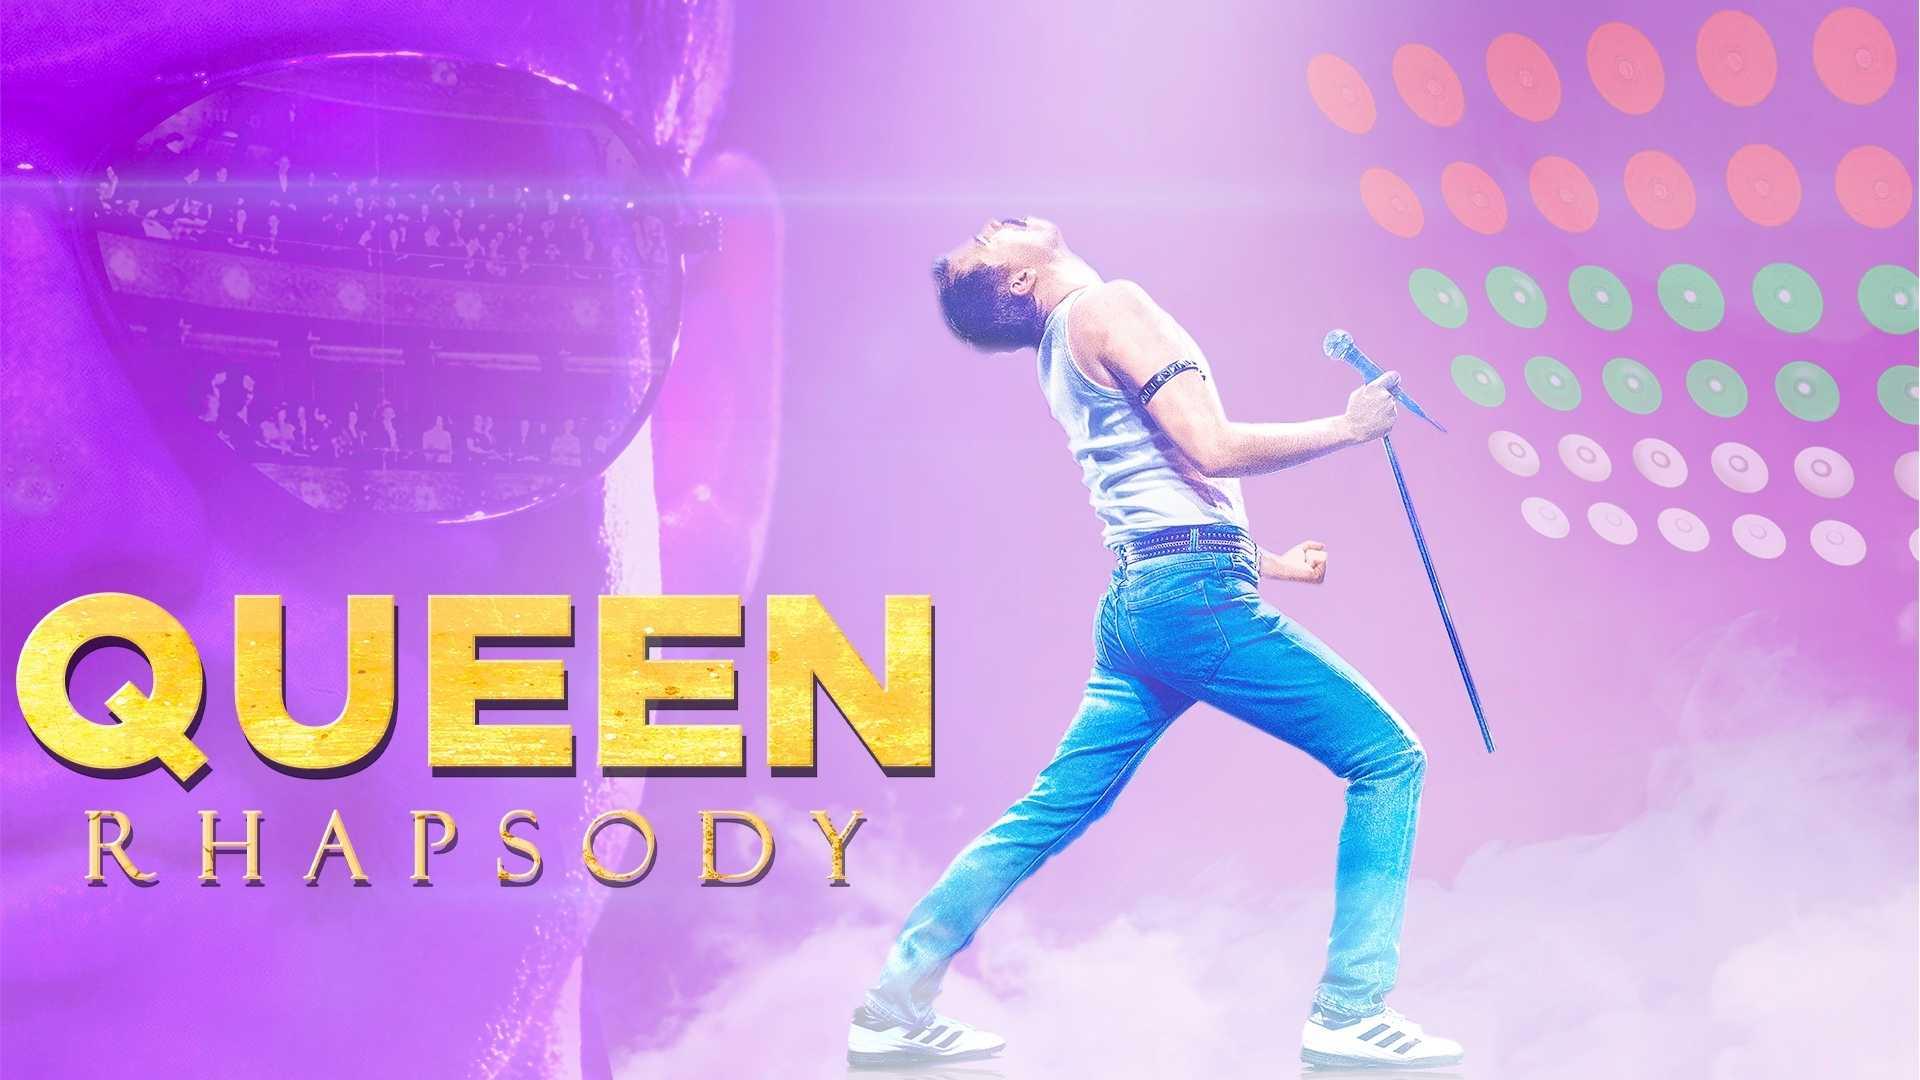 Queen Rhapsody on 04/11/2021